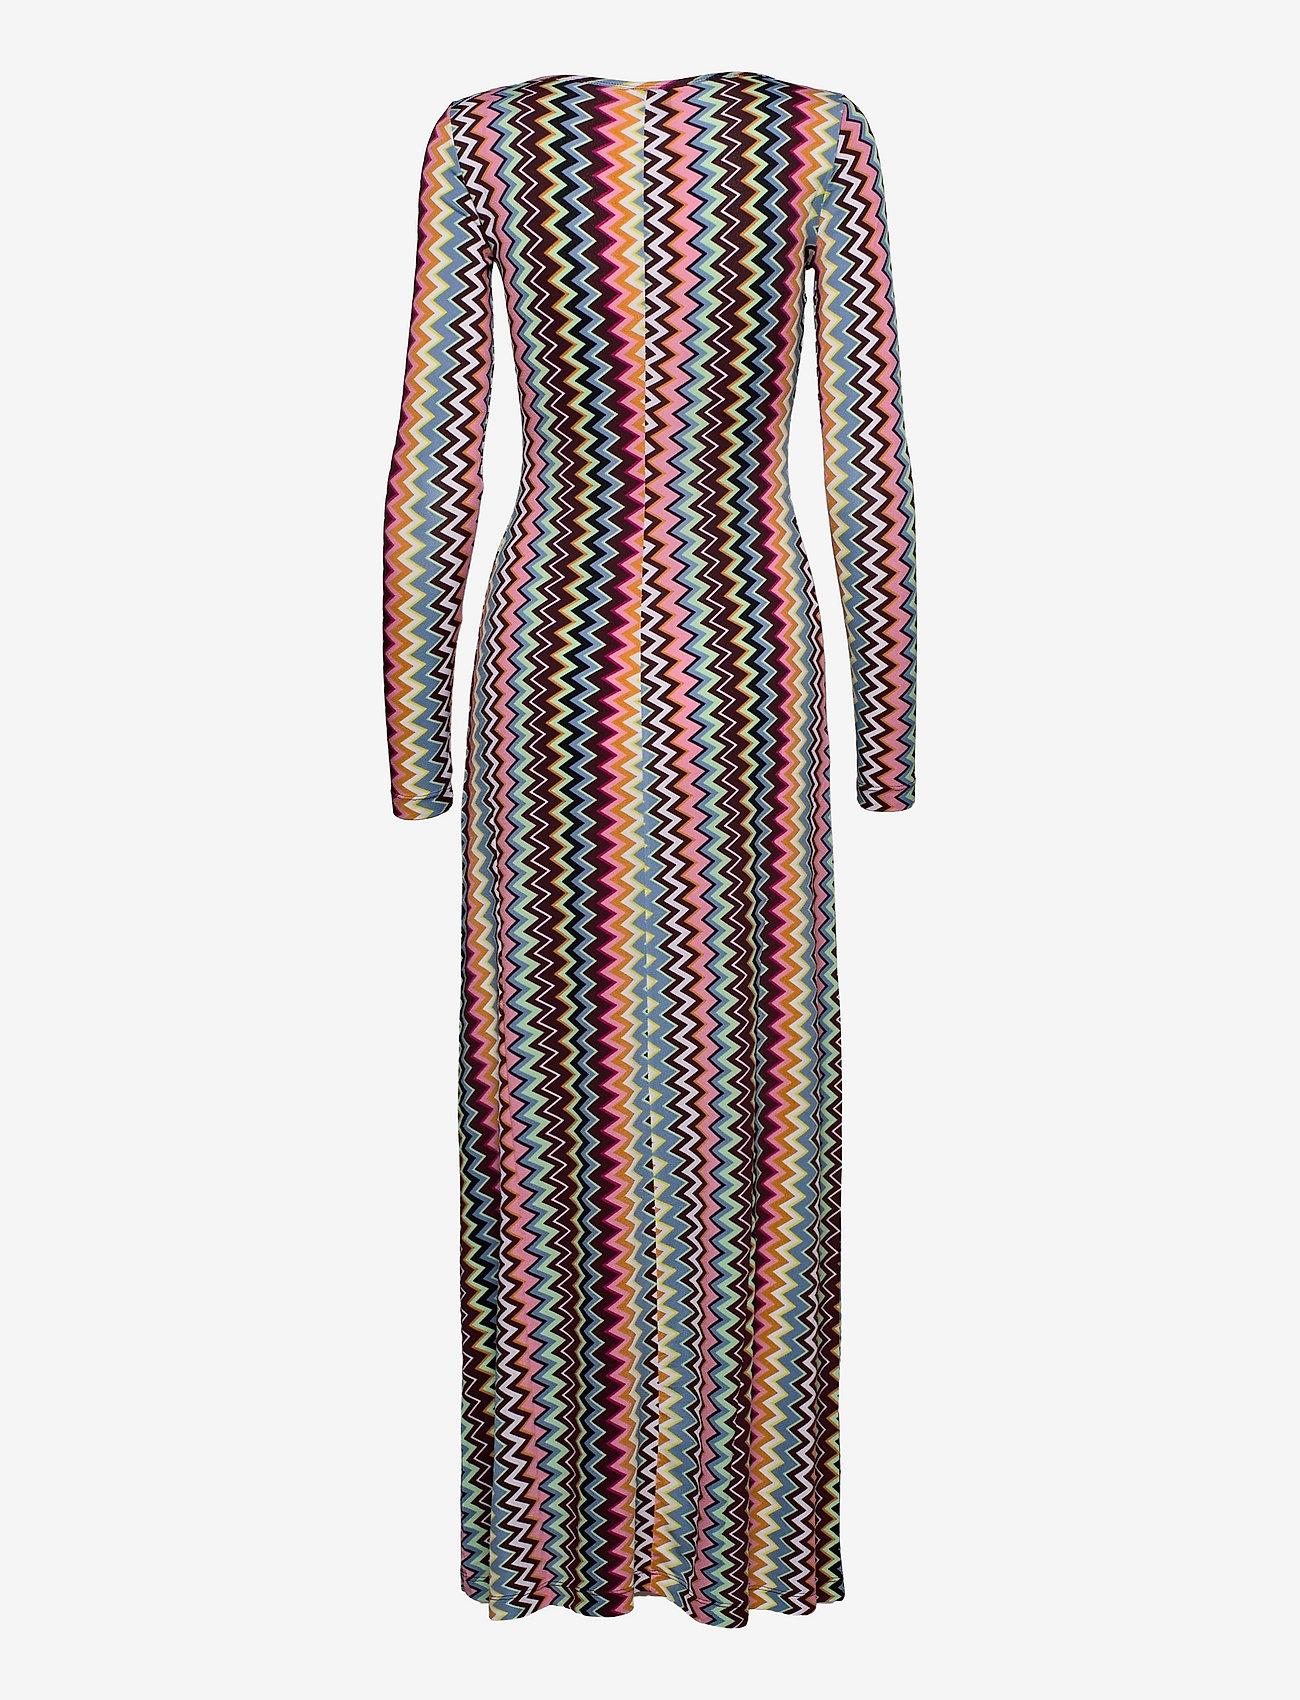 M Missoni - M MISSONI-DRESS - sommerkjoler - multicolor - 1